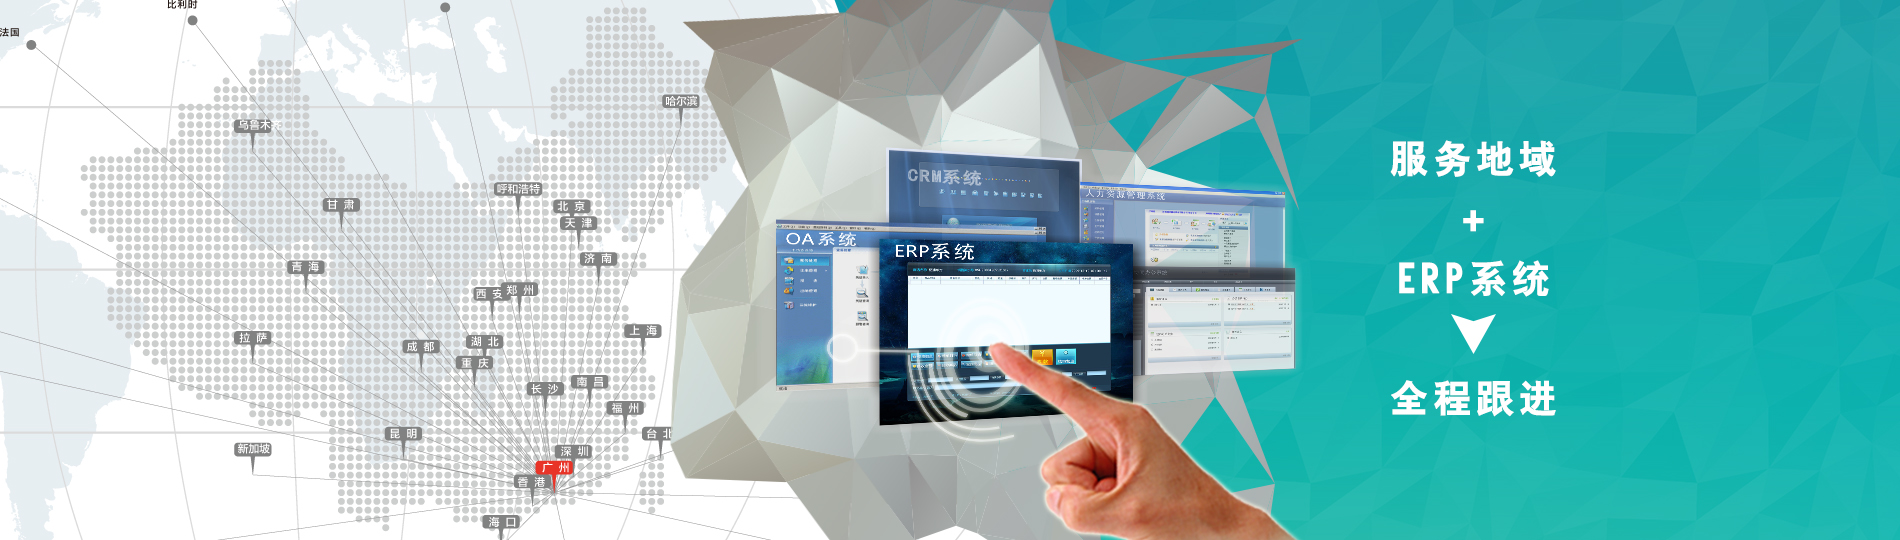 888大奖娱乐城_ERP系统管理 360度全程跟进